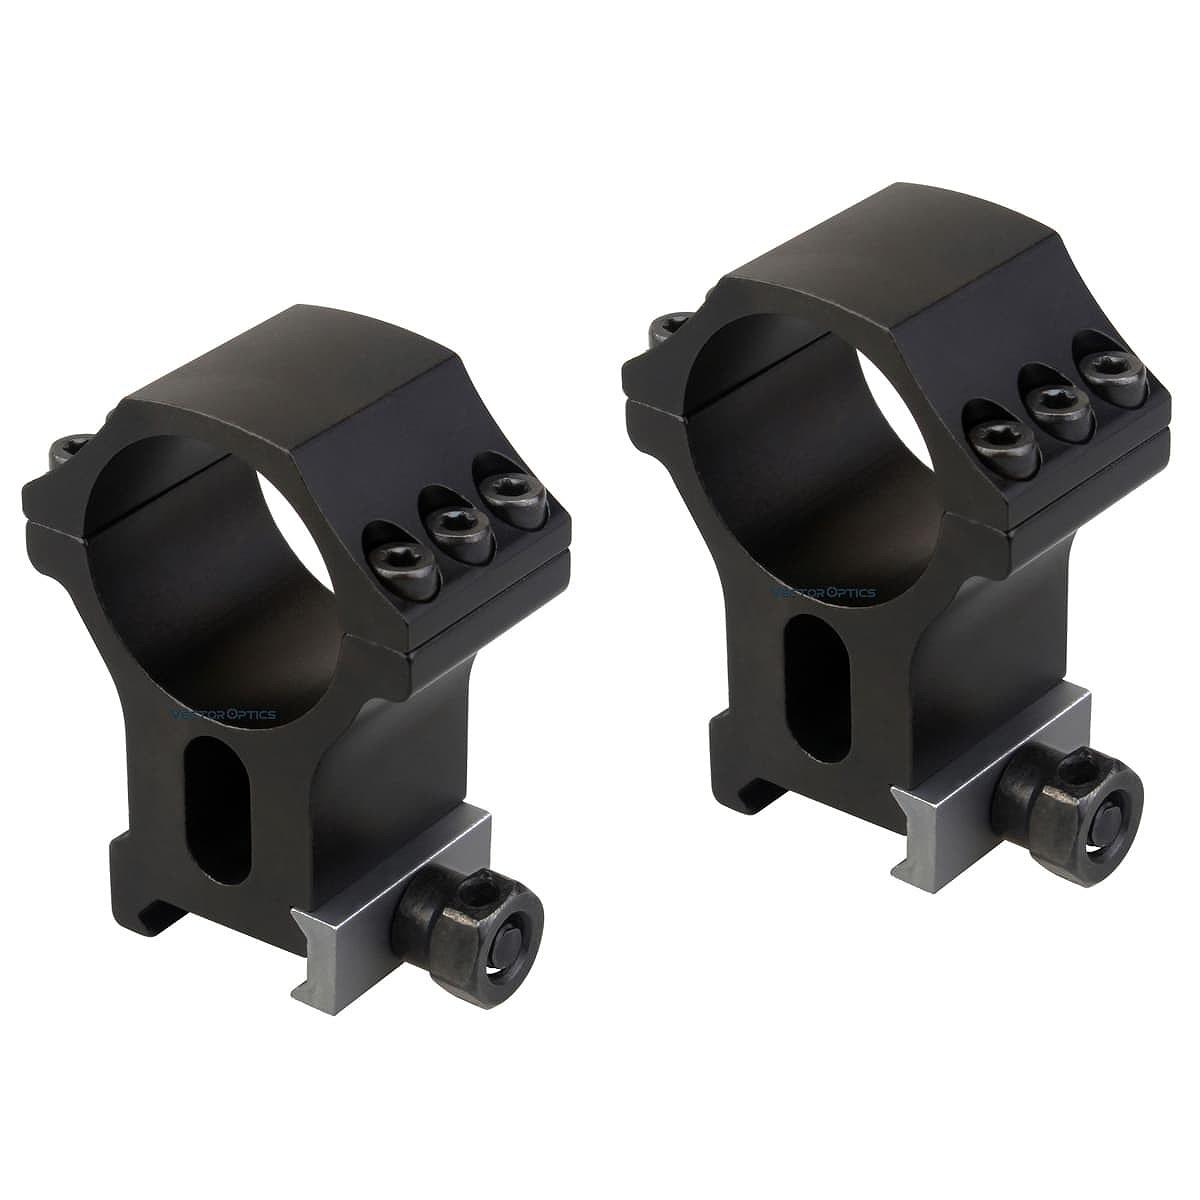 ベクターオプティクス ライフルスコープ Paragon 5-25x56 GenII  Vector Optics SCOL-26